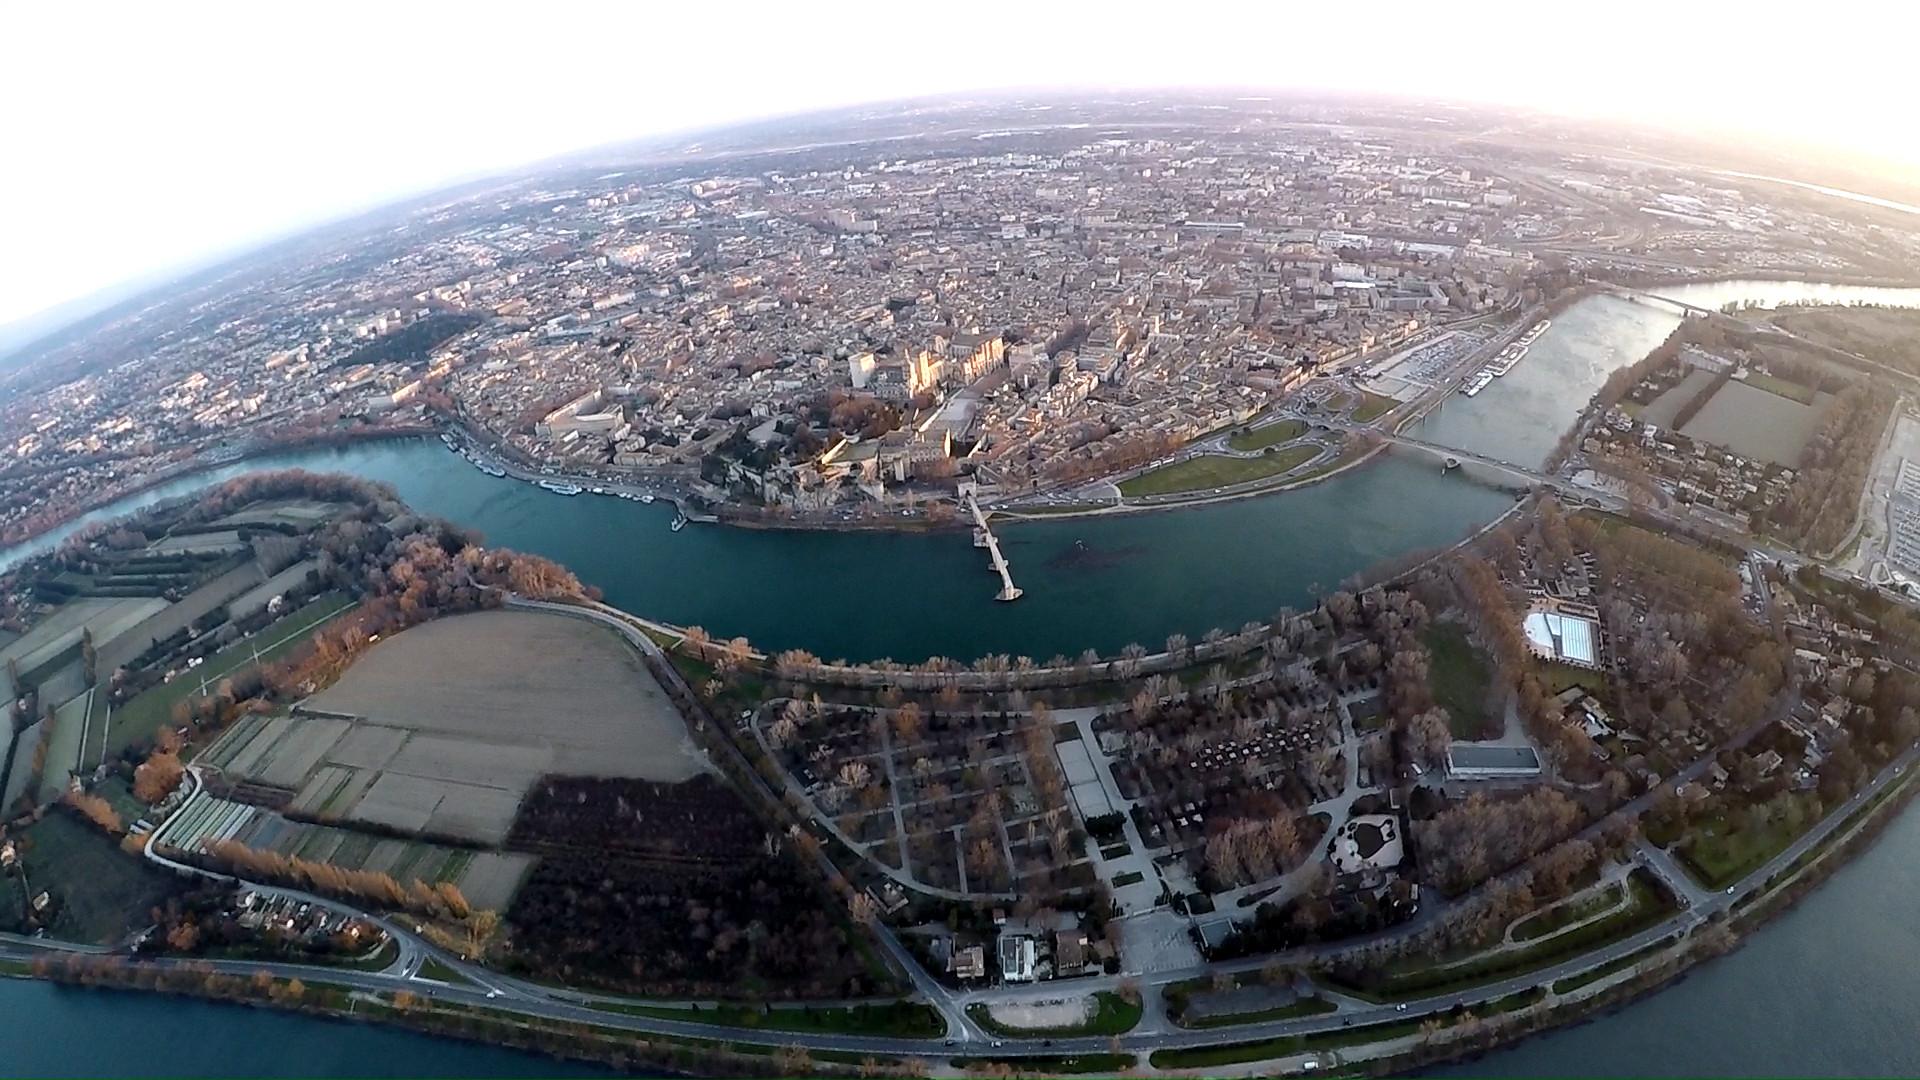 Vue panoramique aérienne du Pont d'Avignon Circuit